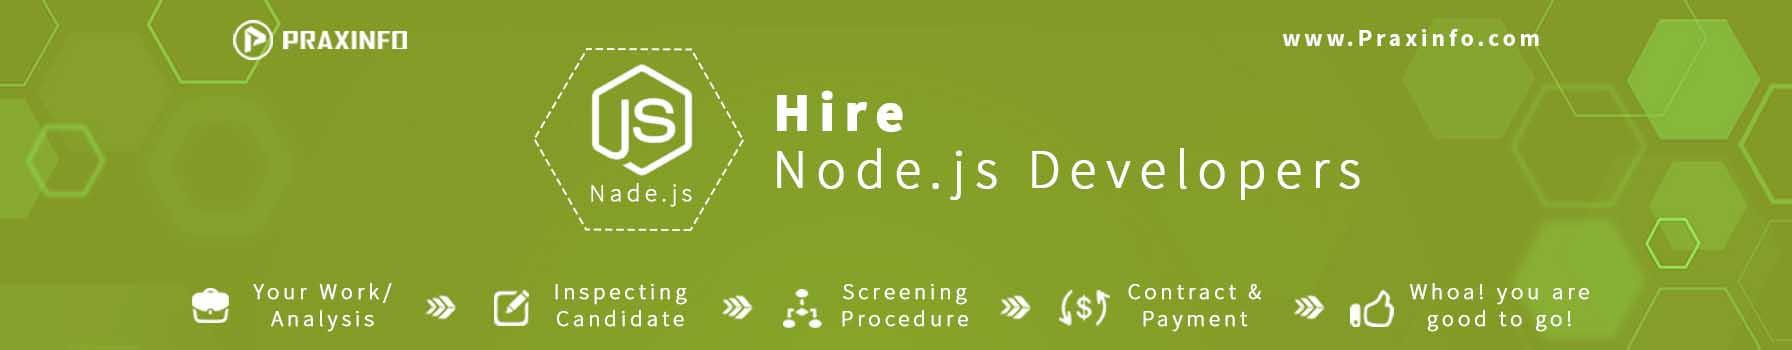 hire-Node.js-developer.jpg